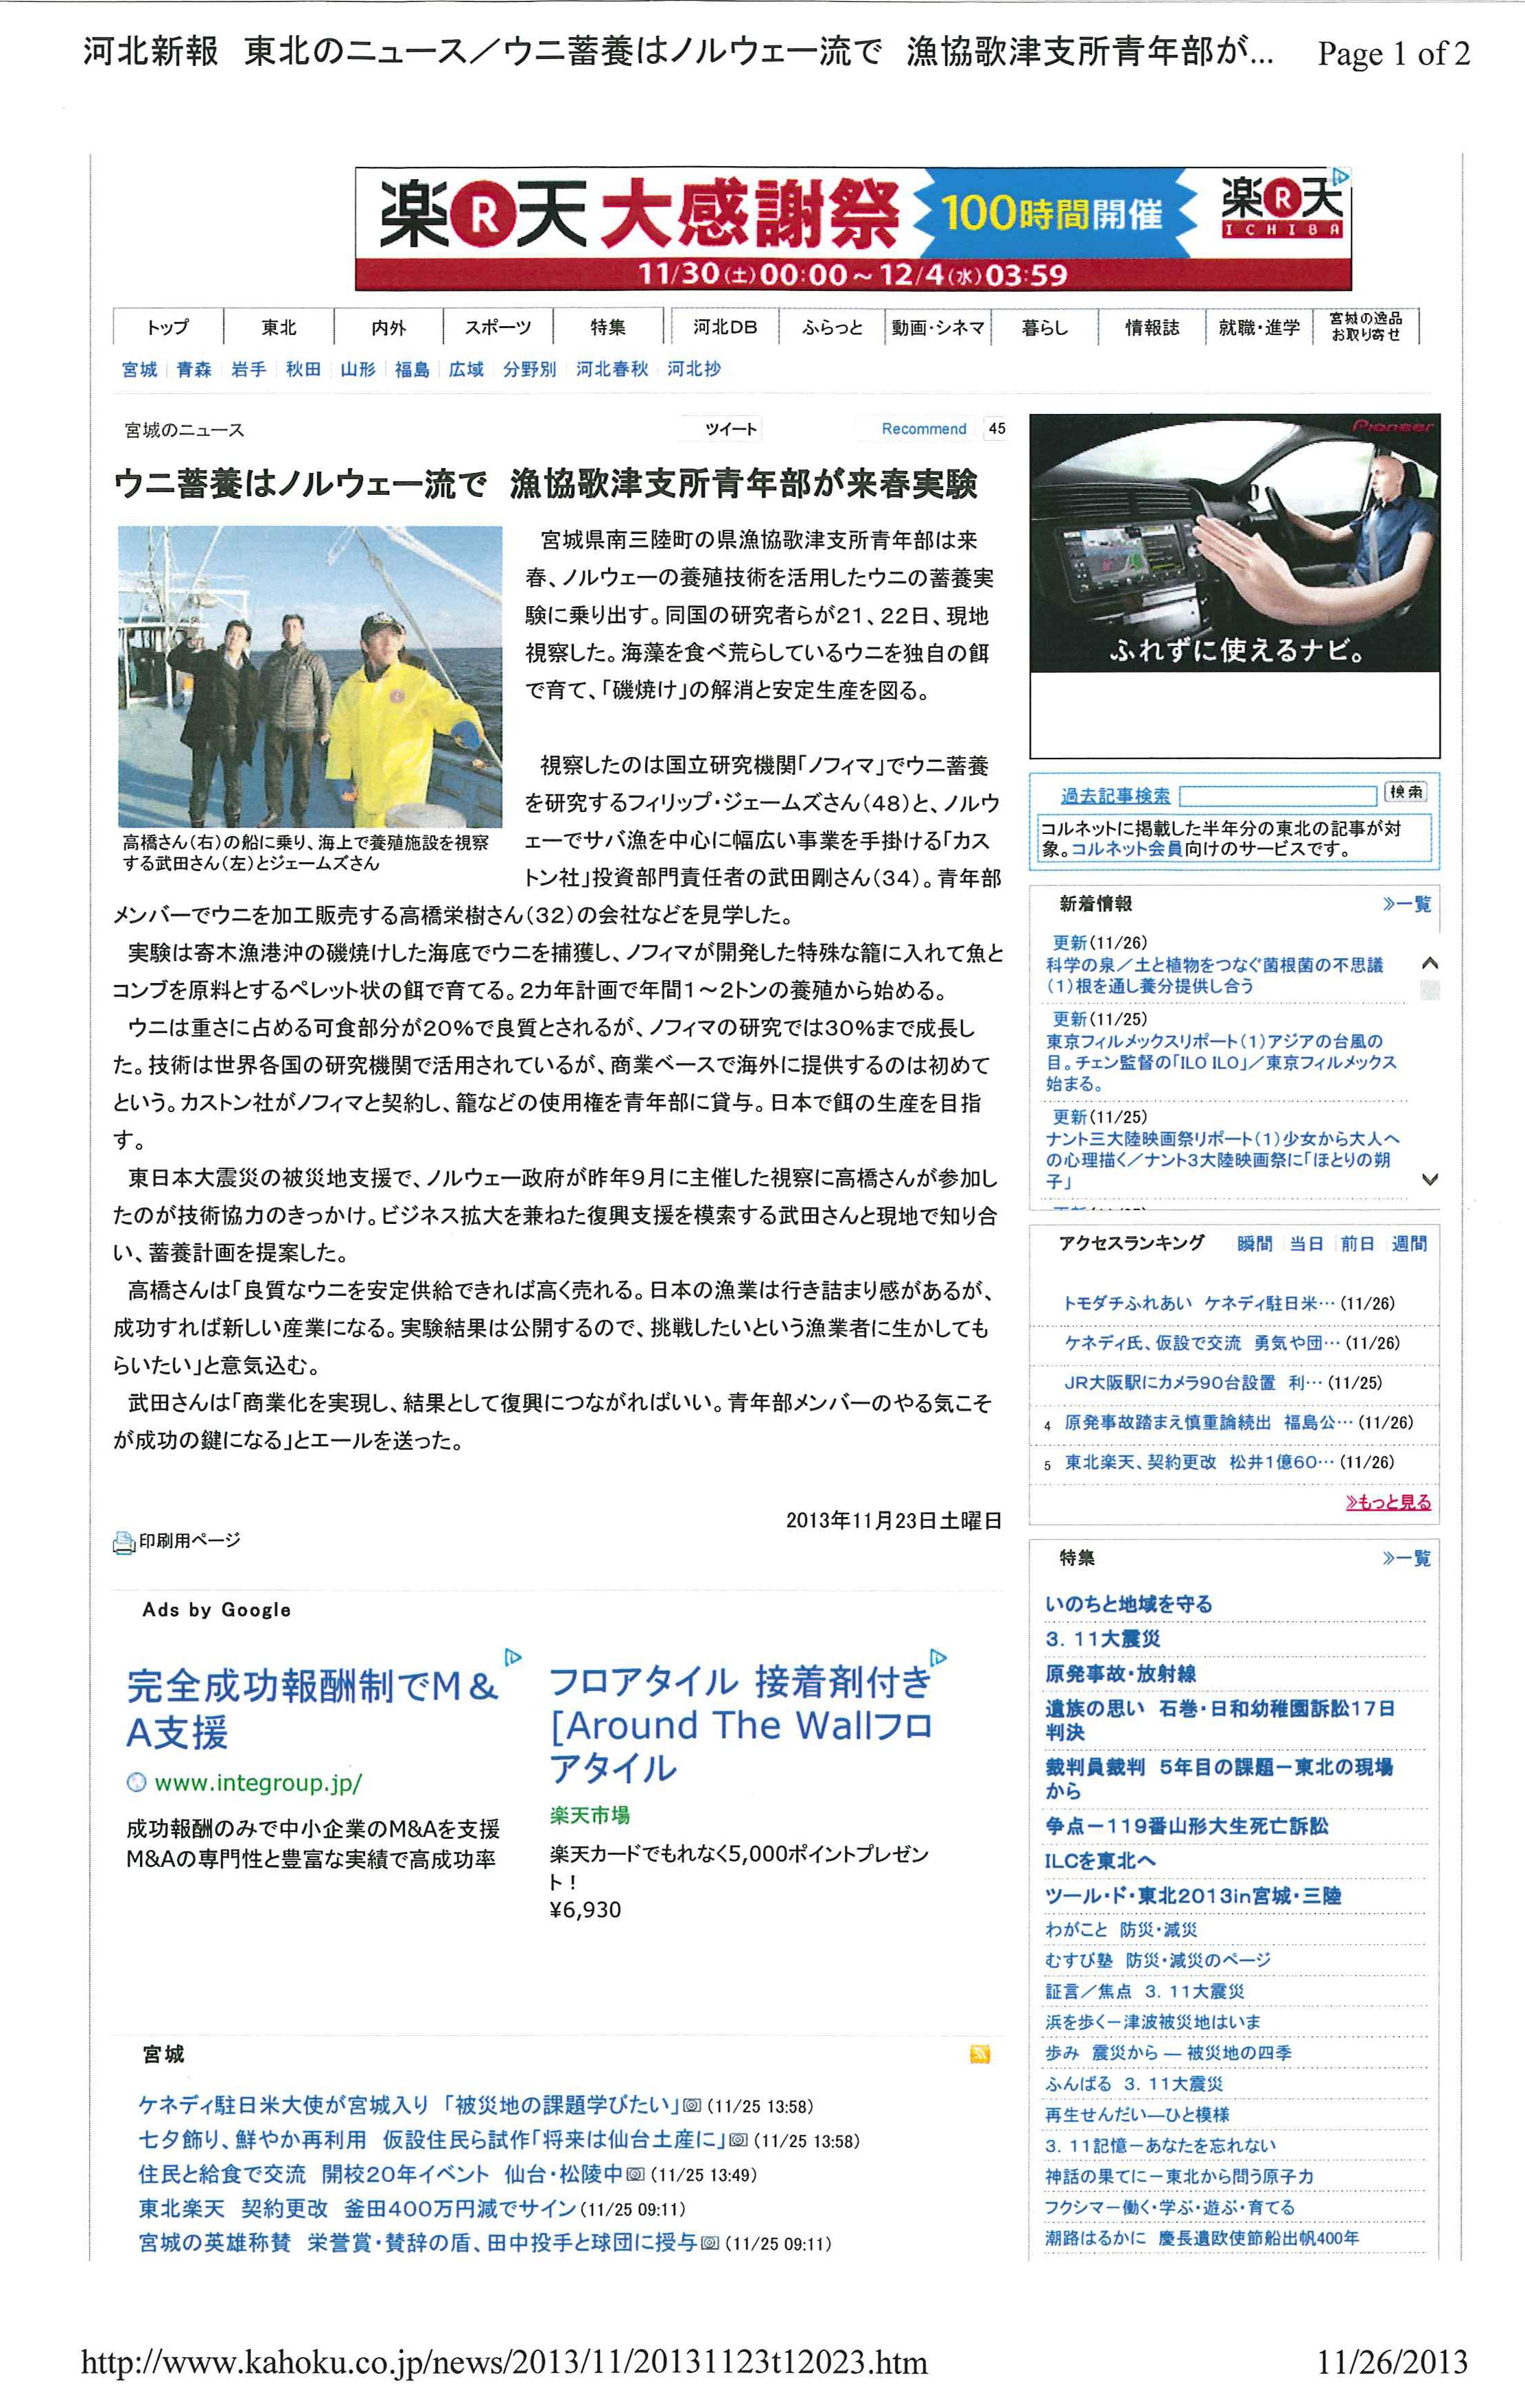 Kahoku-Shimpo-11.23.2013.jpg